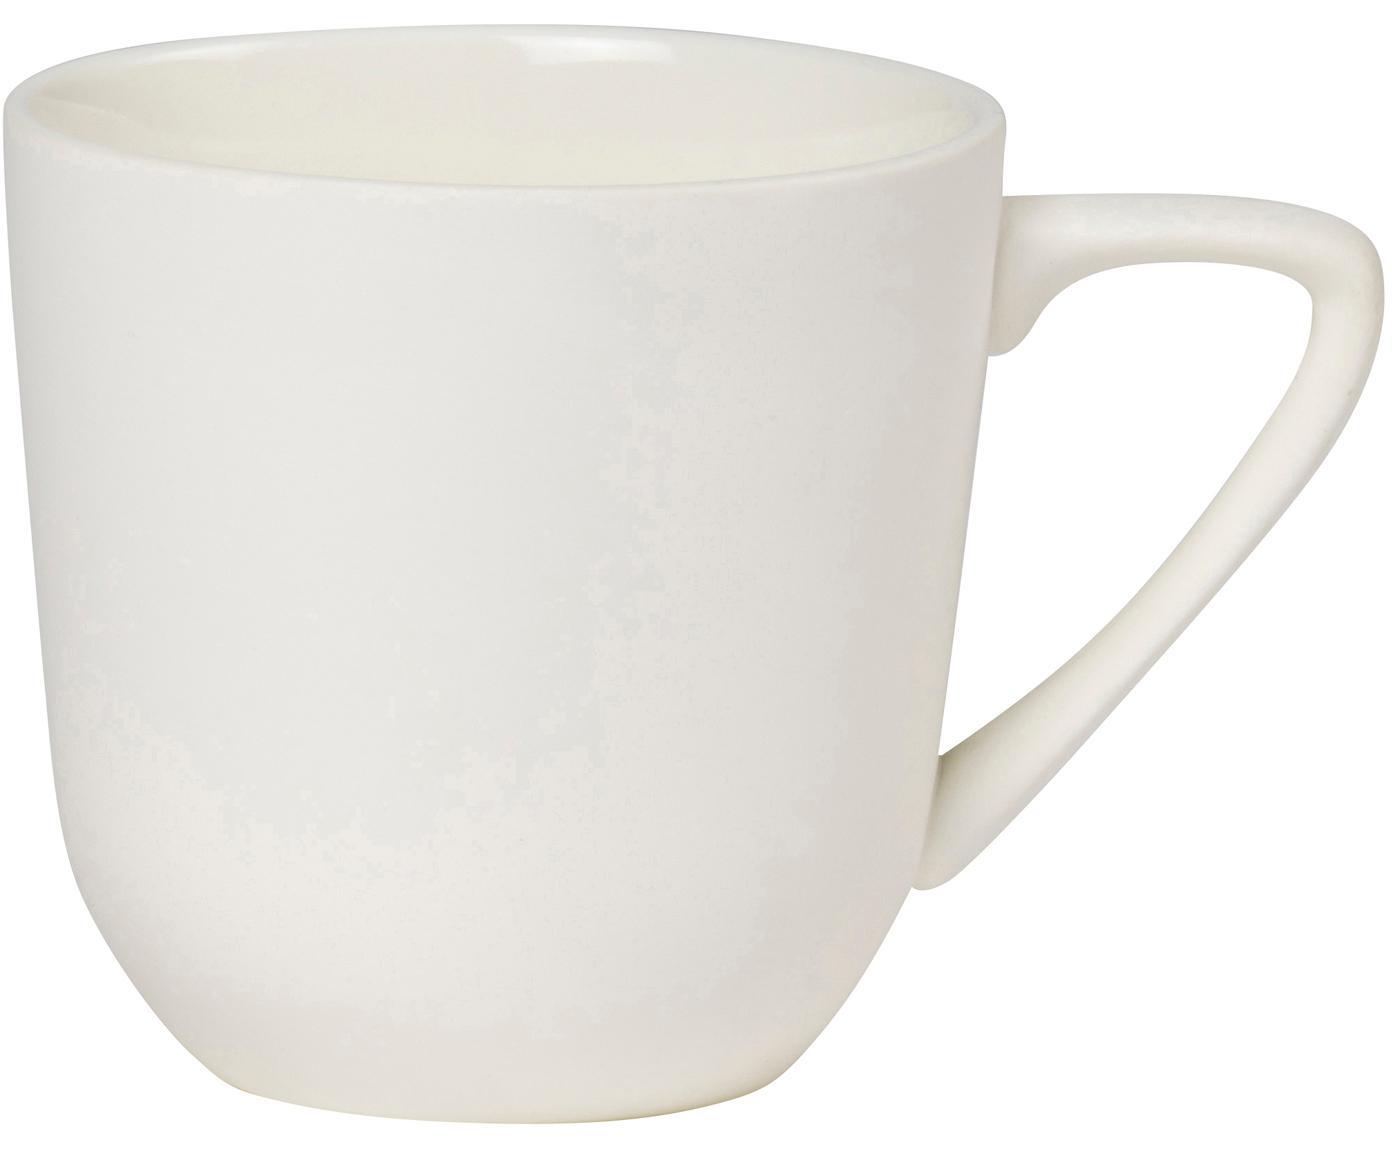 Filiżanka Nudge, 4 szt., Porcelana, Kremowy, Ø 8 x W 8 cm